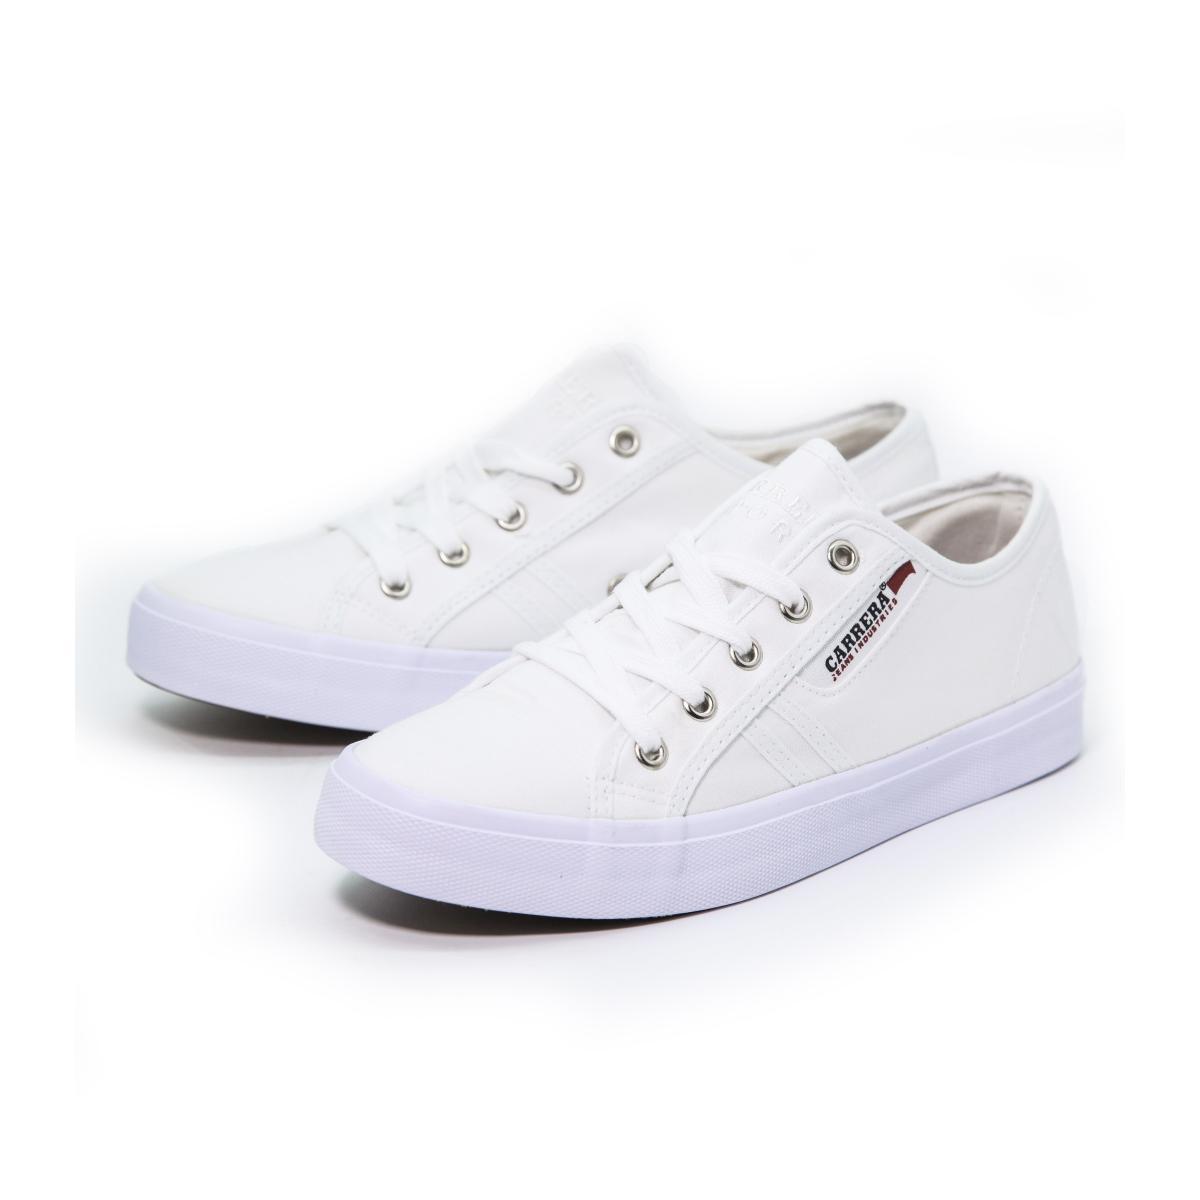 """Scarpe Sneakers """"Carrera"""" Basse Da Ginnastica in Tela Bianca da Donna"""